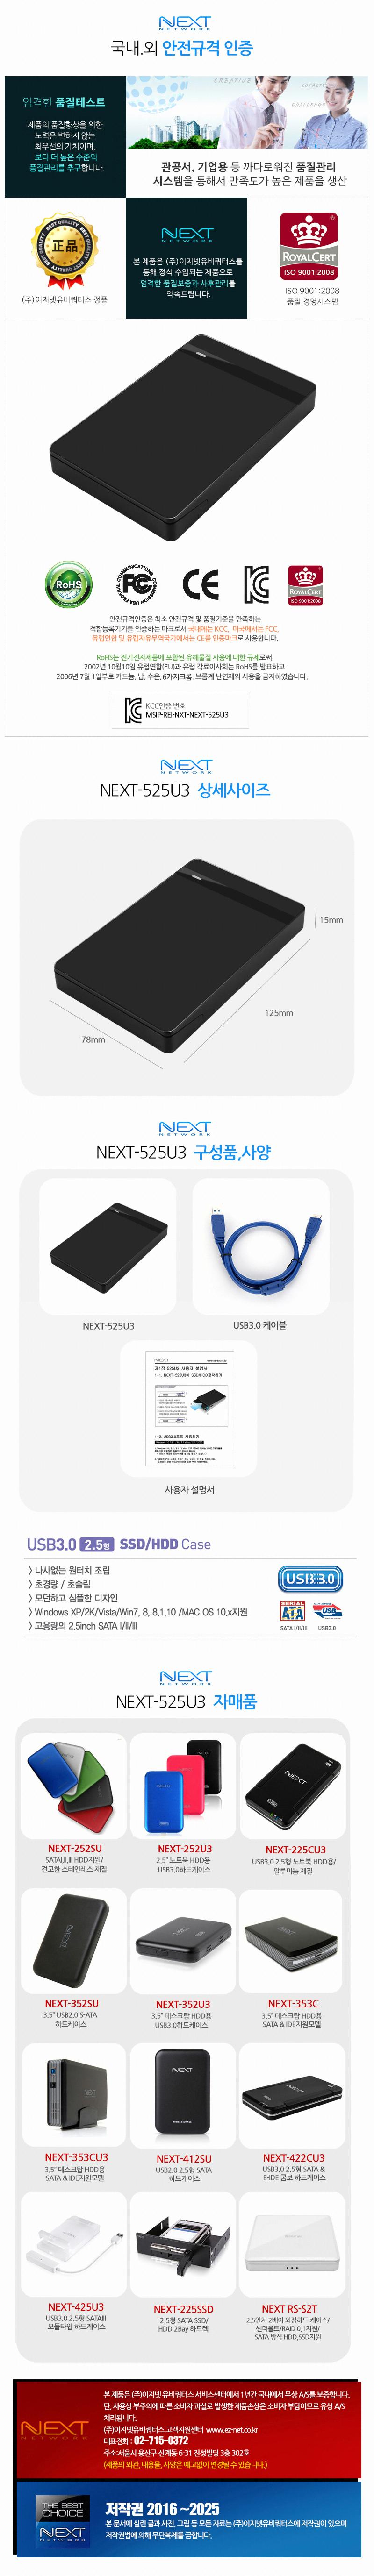 NEXT-525U3_4_160614.jpg